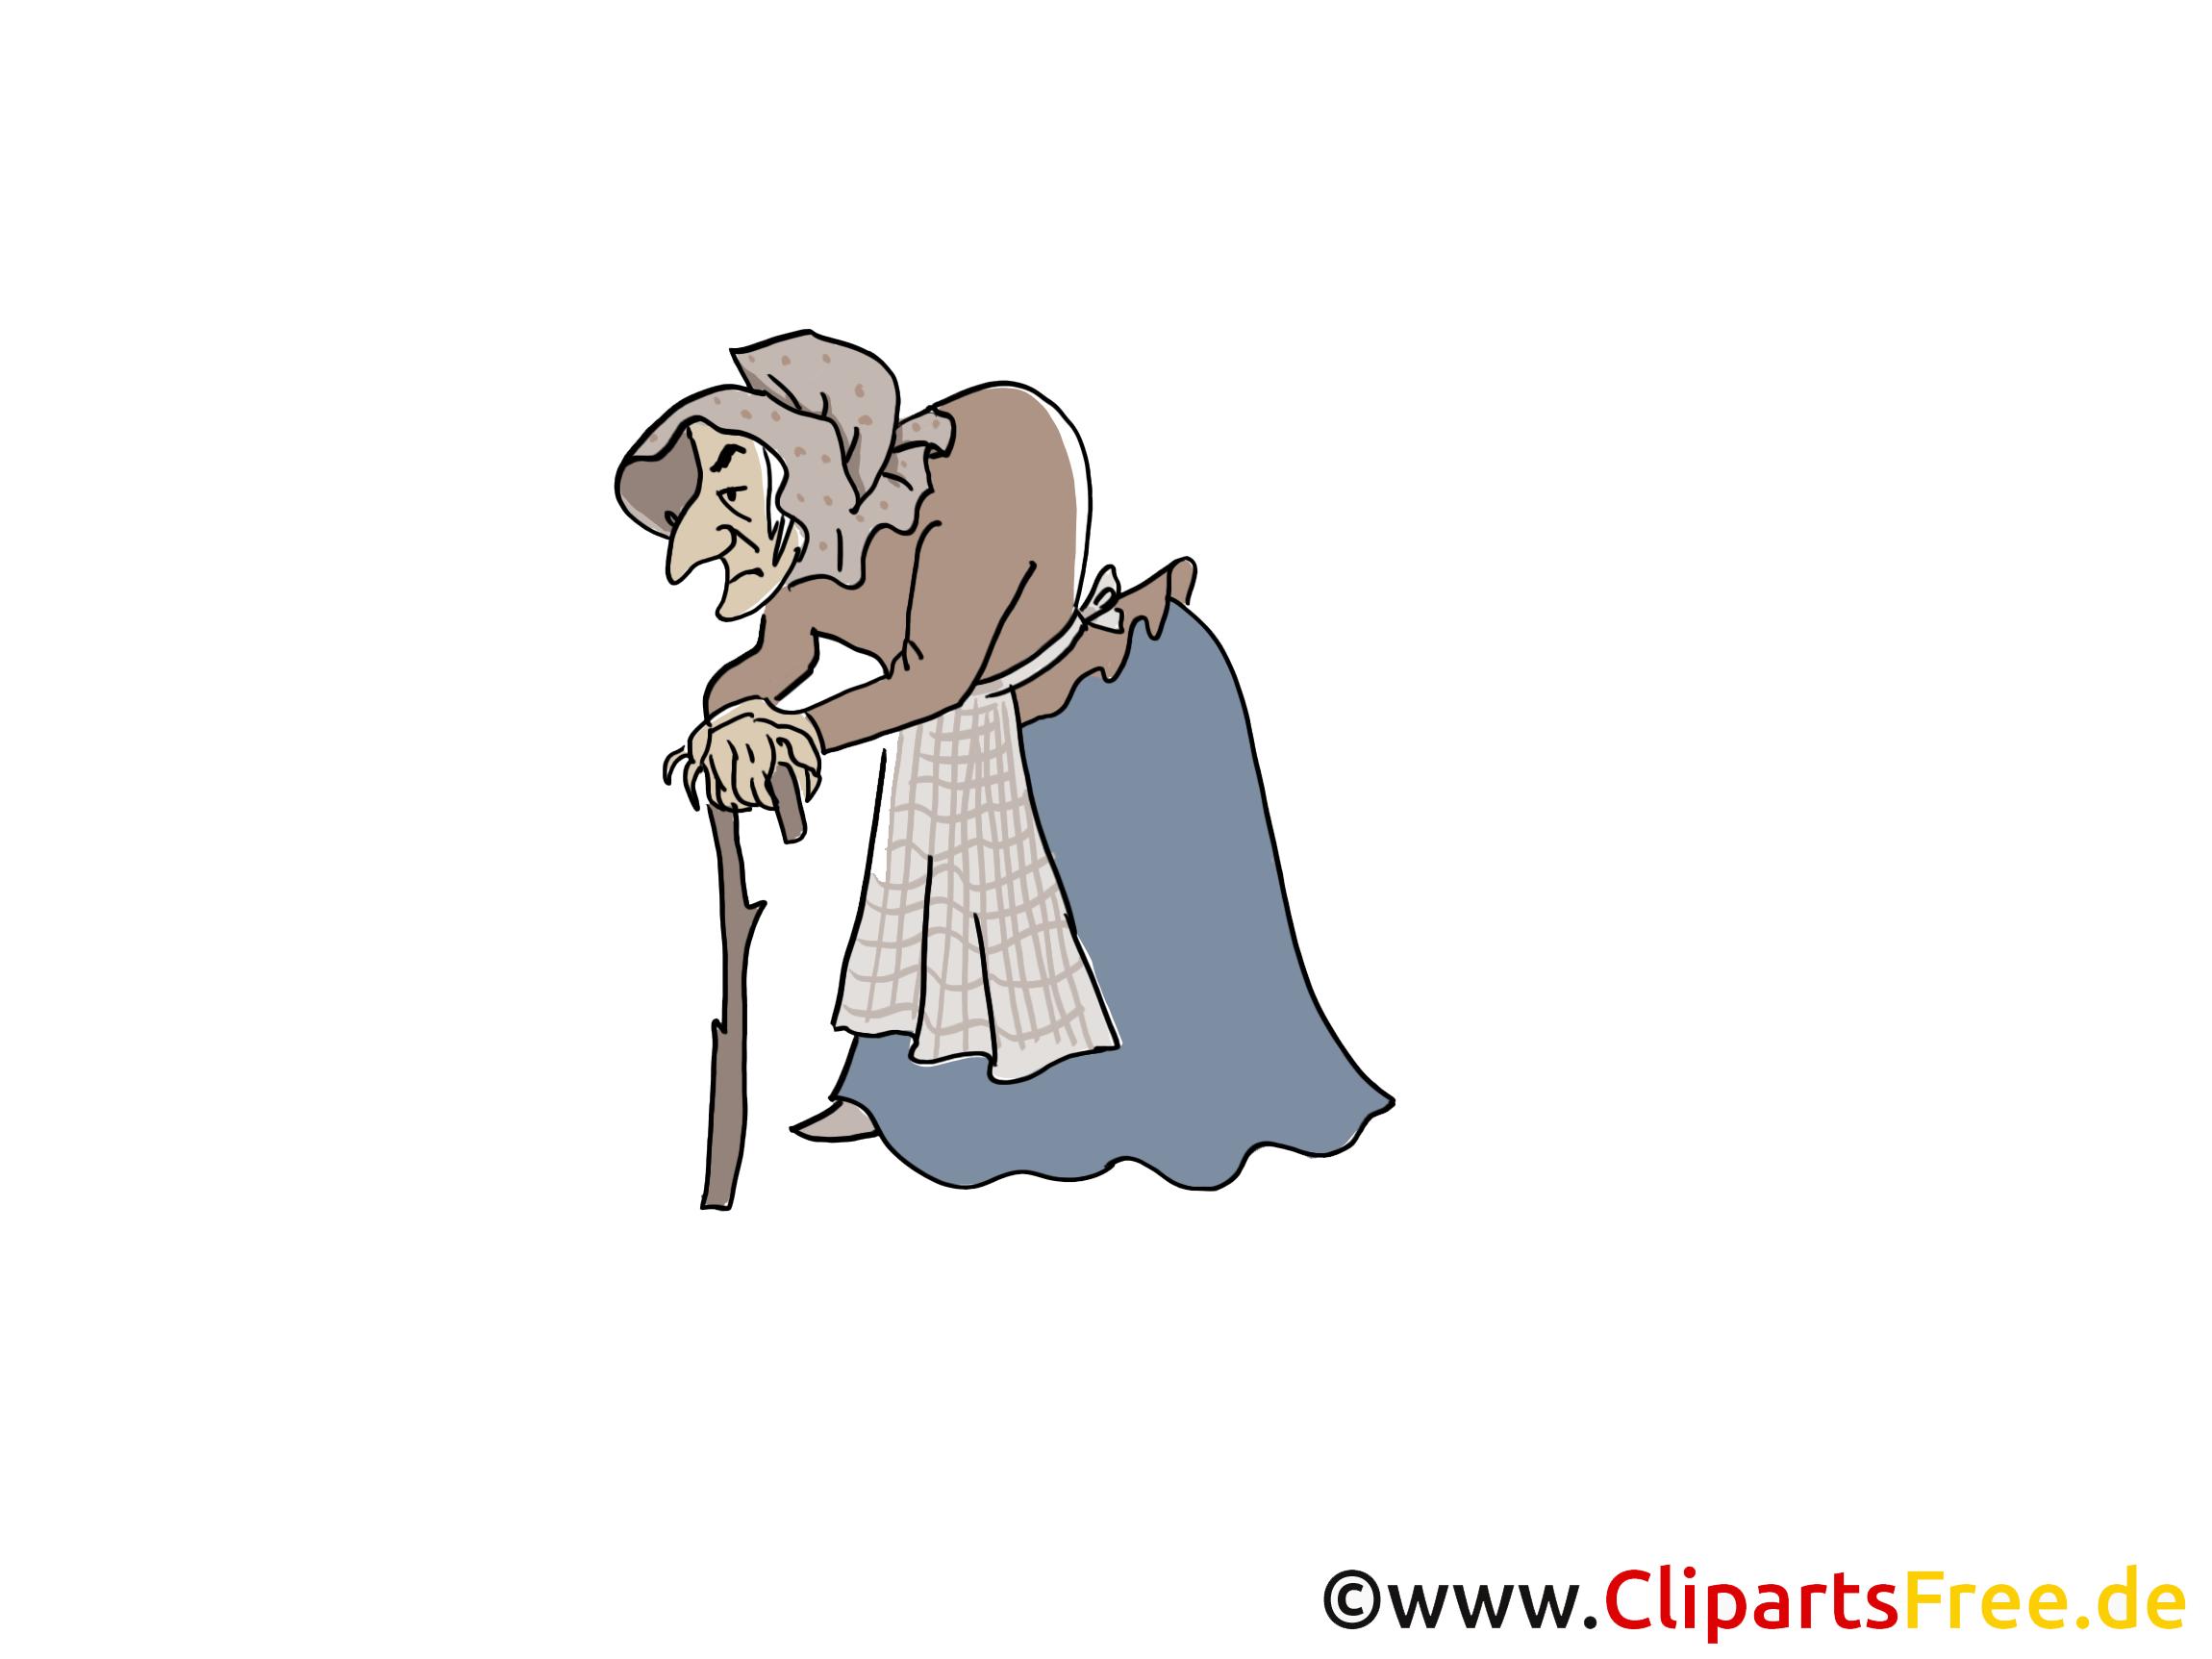 hexe aus schneewittchen märchenbild clipart illustration